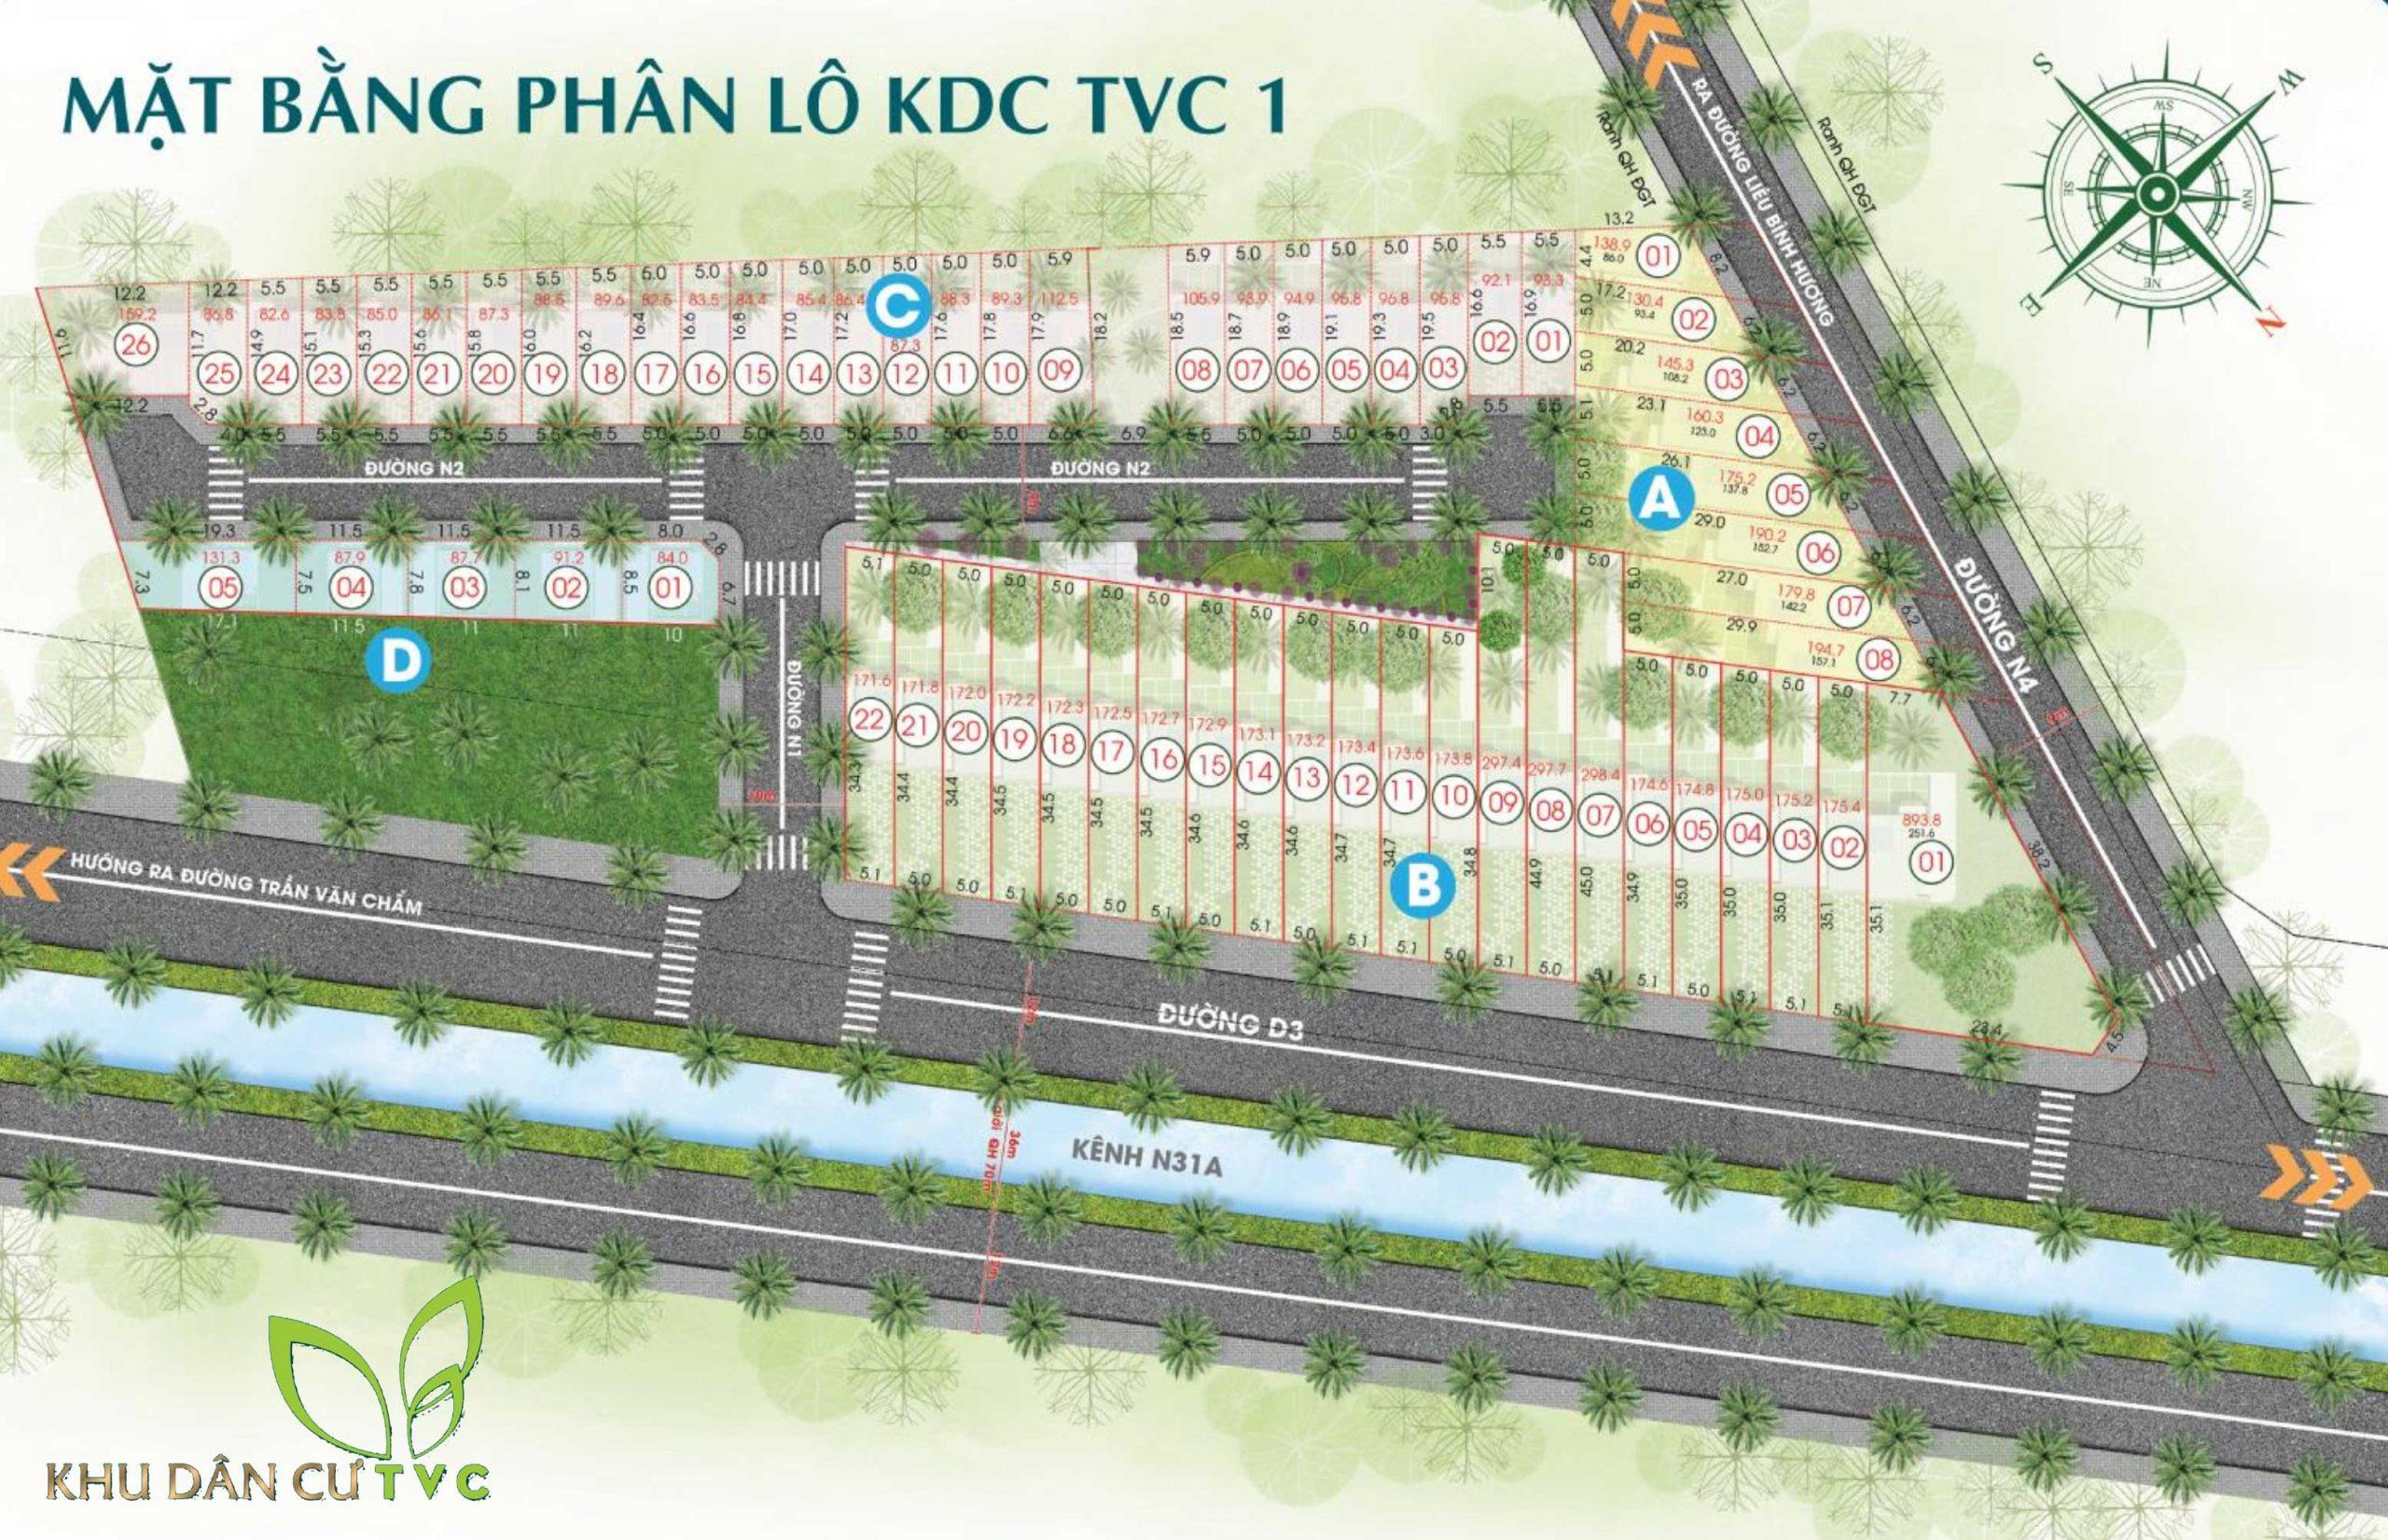 Mặt bằng phân lô Dự án Đất nền Trần Văn Chẩm TVC 1 Củ Chi